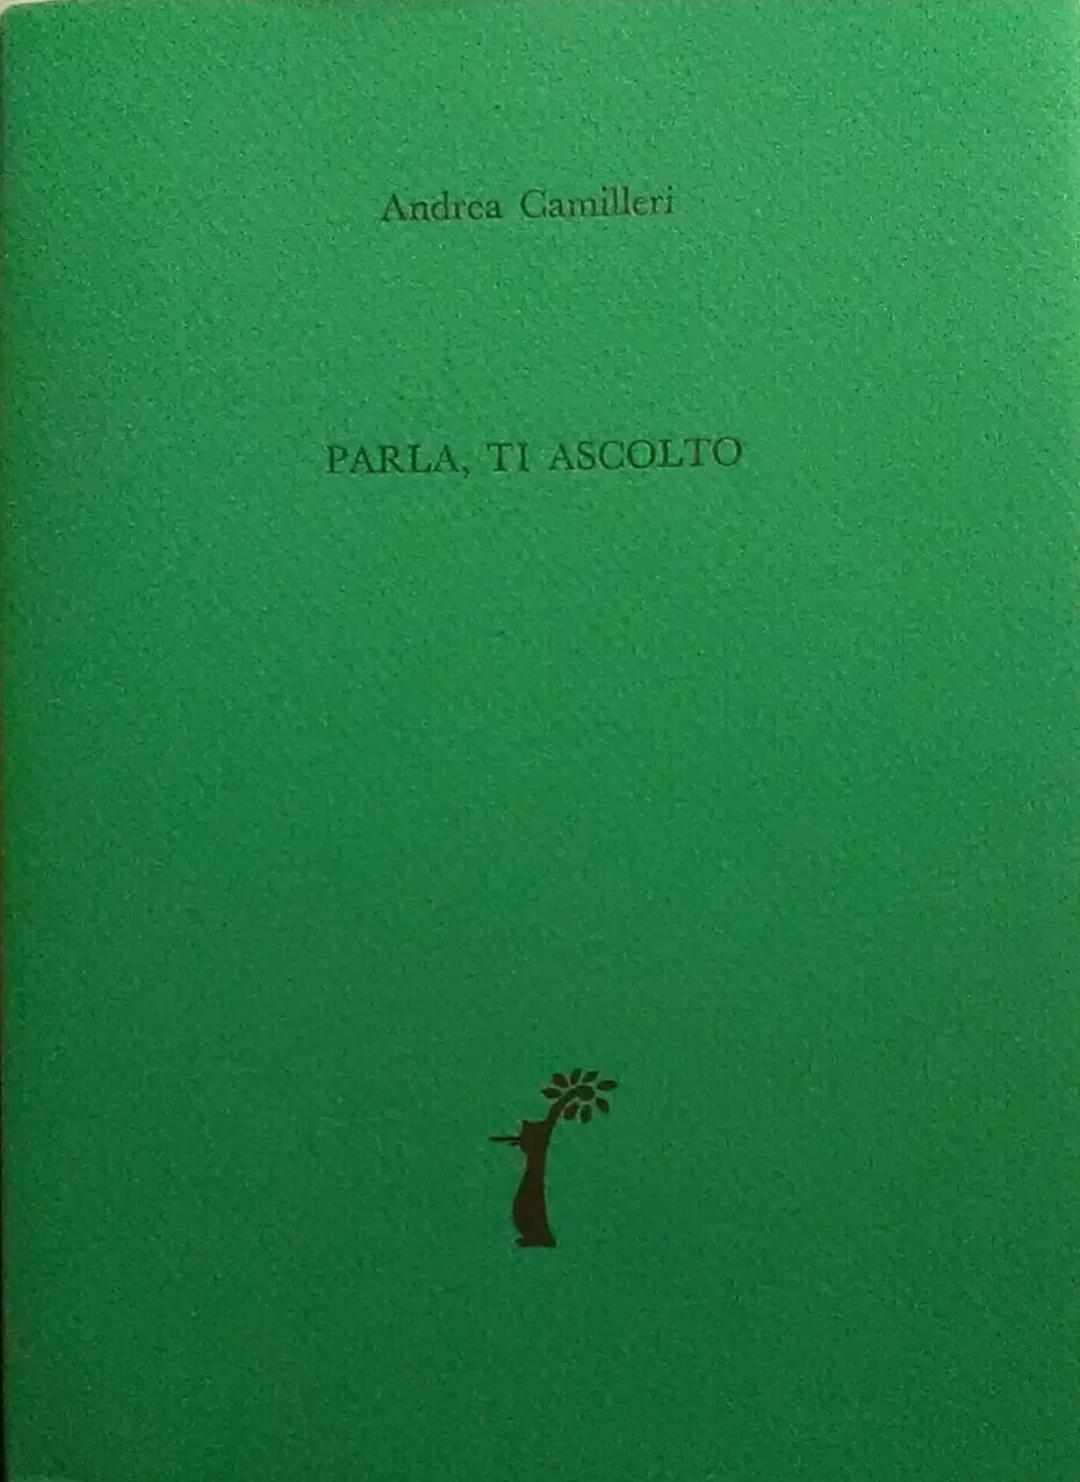 Andrea Camilleri, Parla, ti ascolto! edizione privata, rarissima, 2017